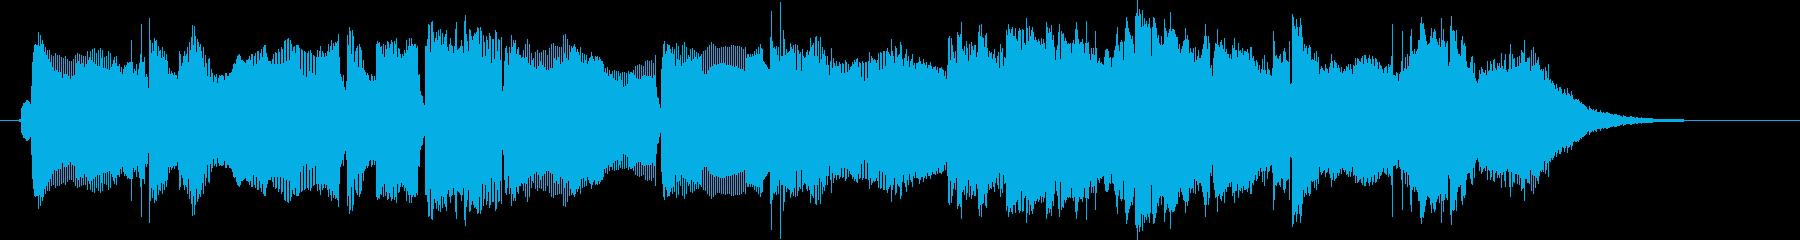 ゆったりと落ち着いたリラクゼーション音楽の再生済みの波形